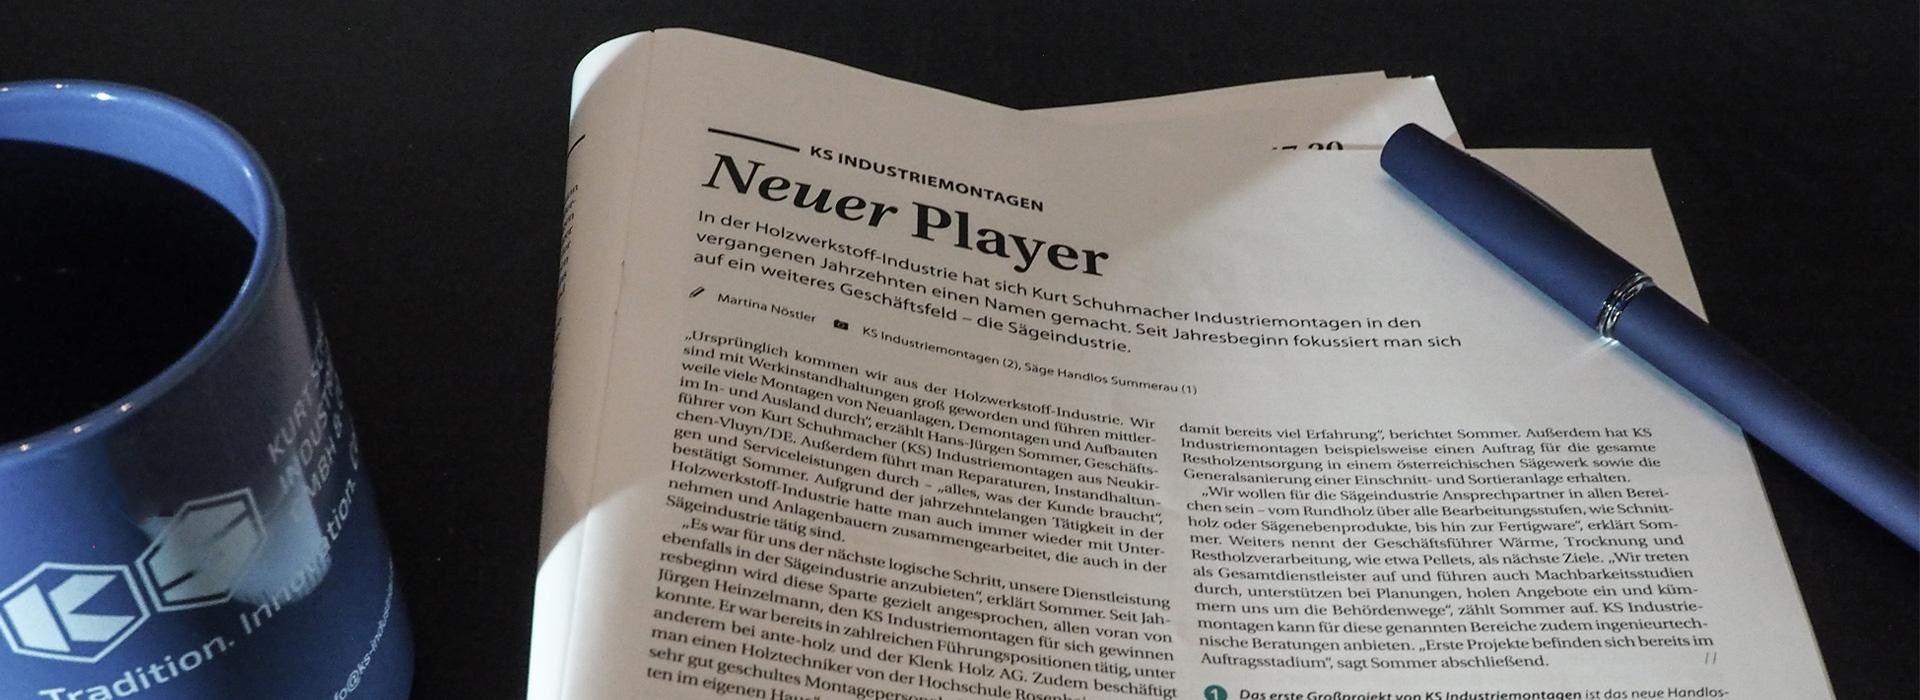 Holzkurier-Zeitschrift mit Kurt Schuhmacher Beitrag